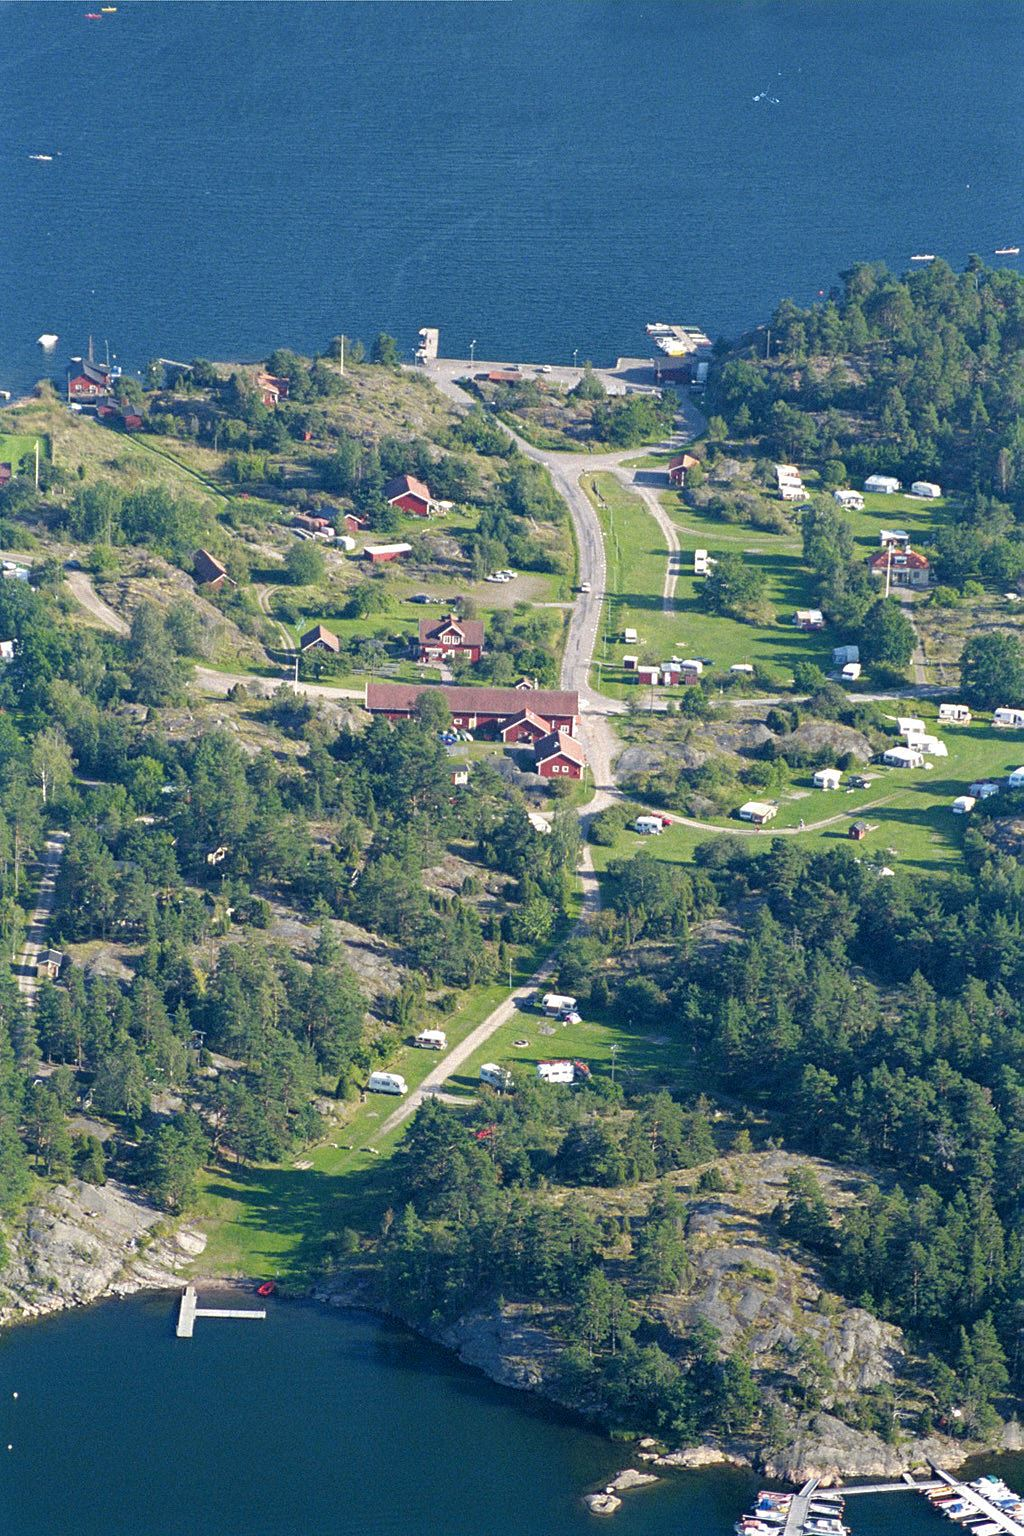 Tyrislöt Camping/Camping